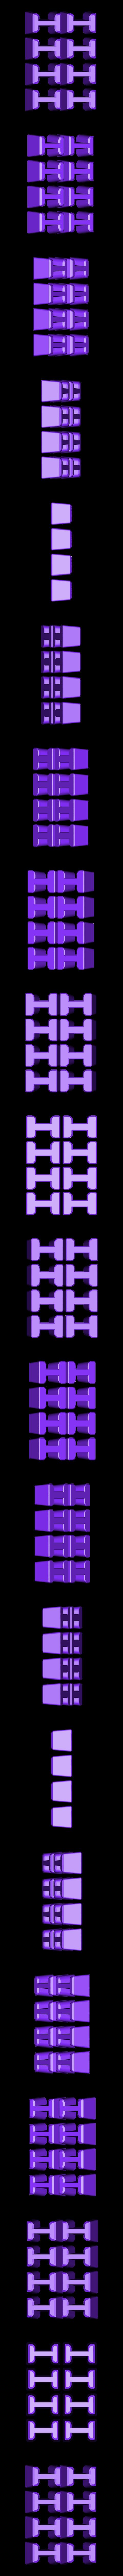 Butterfly_Joint_x8_(Modular Castle Playset - 3D-printable)_By_CreativeTools.se.stl Télécharger fichier STL gratuit Plateau modulaire de château (imprimable en 3D) • Modèle à imprimer en 3D, CreativeTools